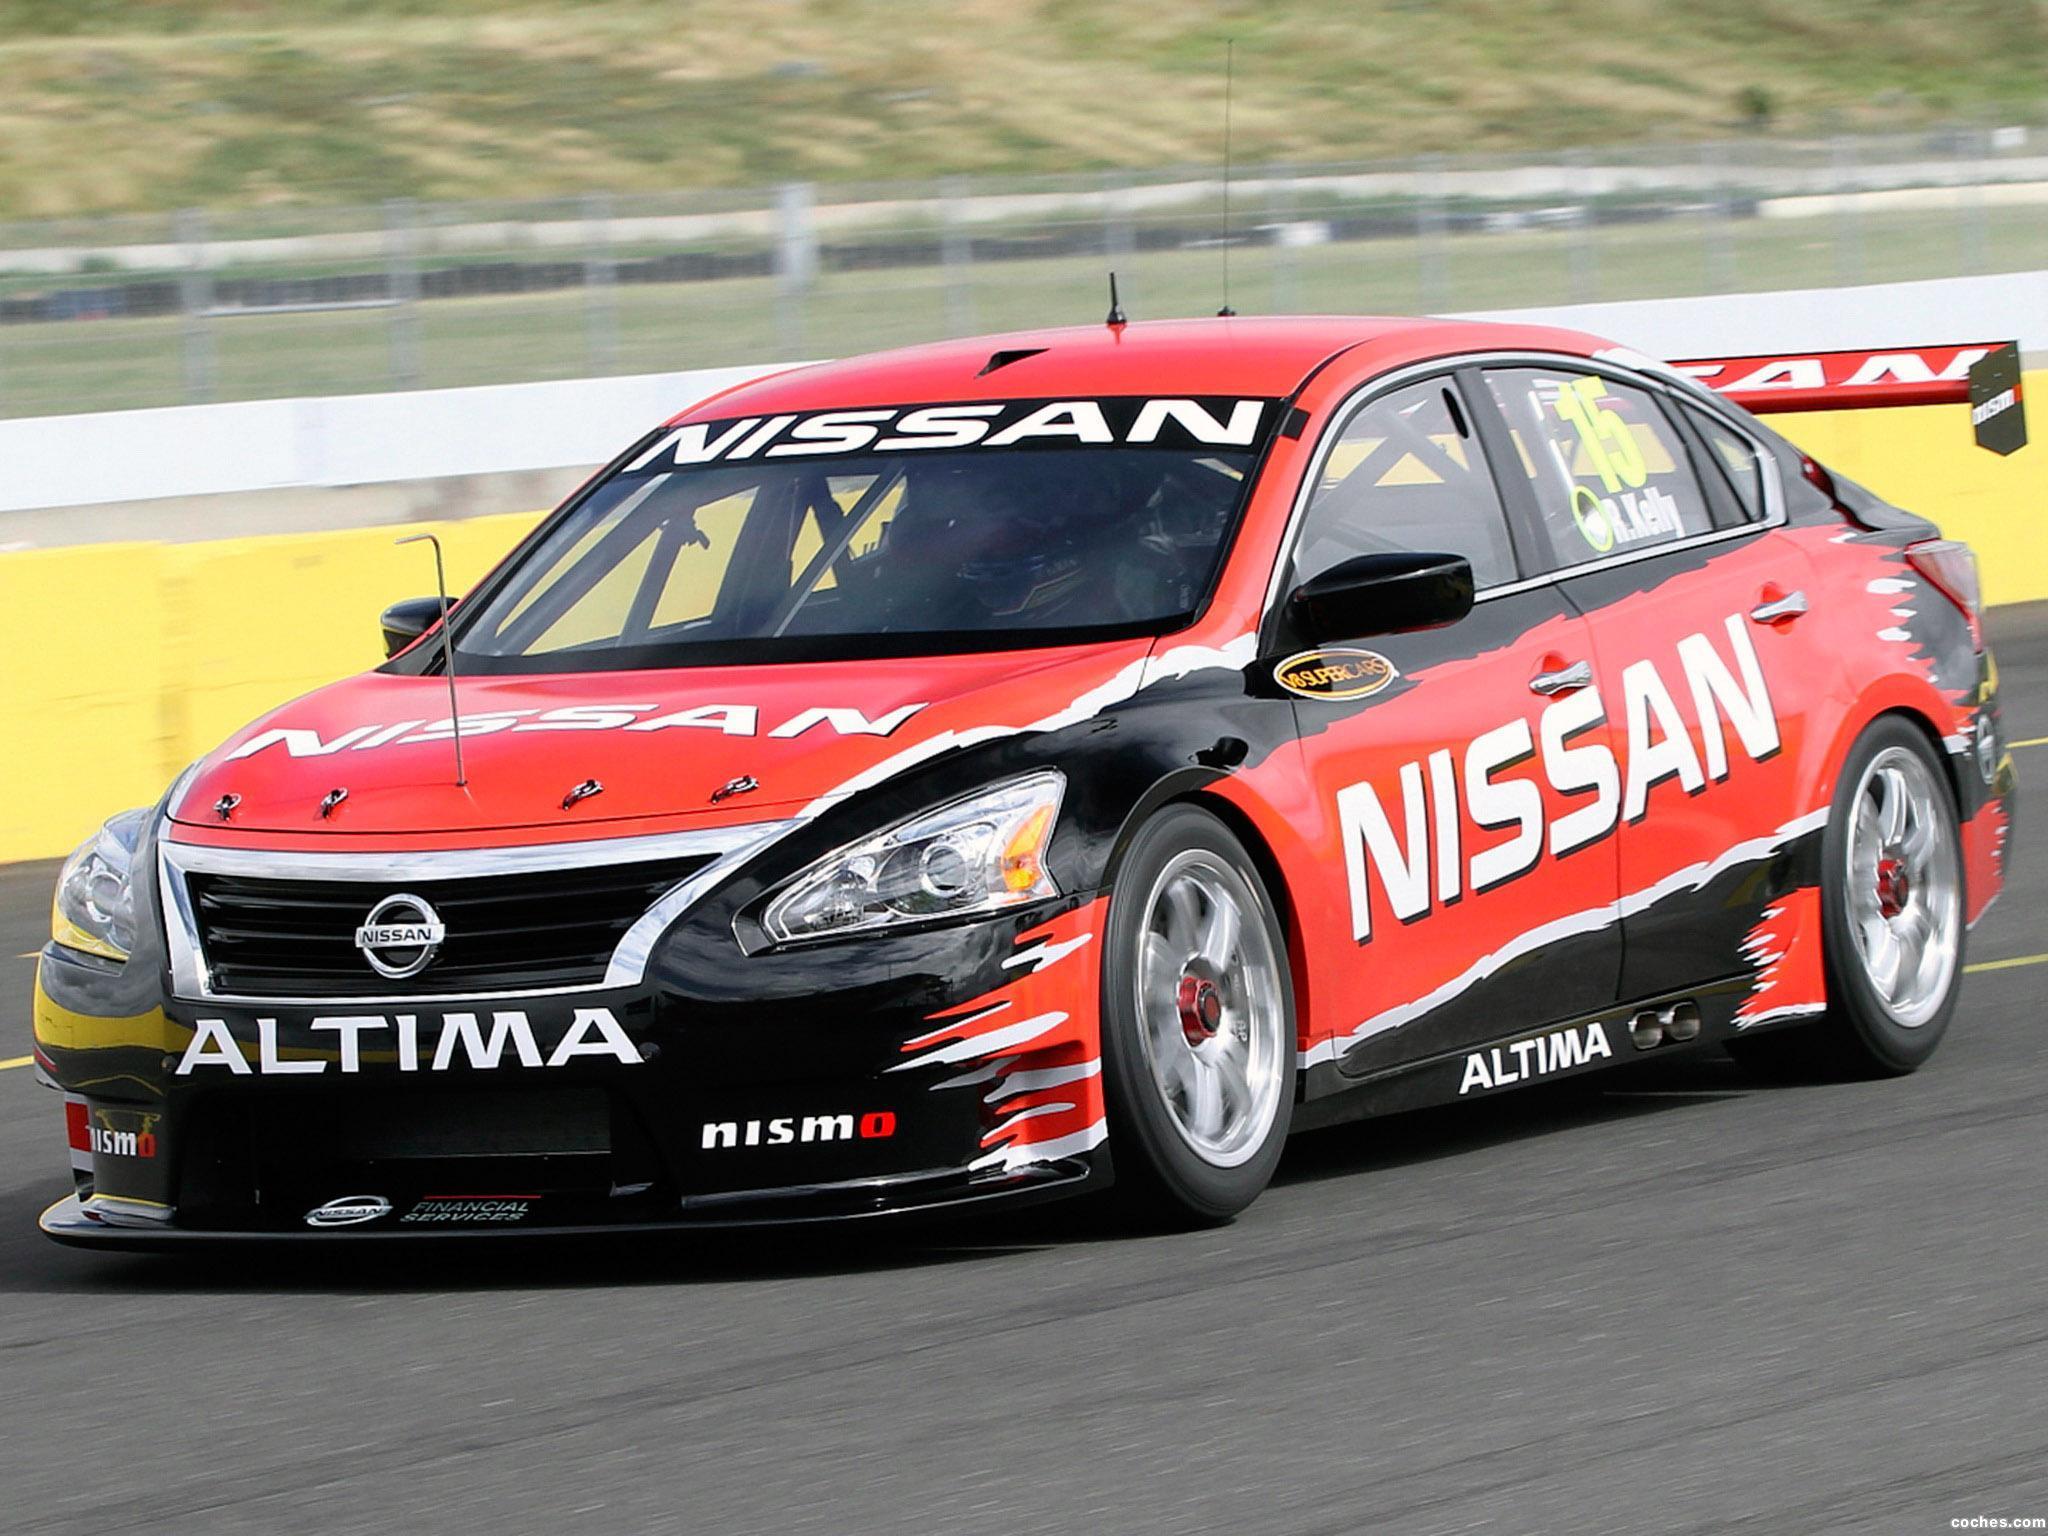 Foto 0 de Nissan Altima V8 Supercar 2012